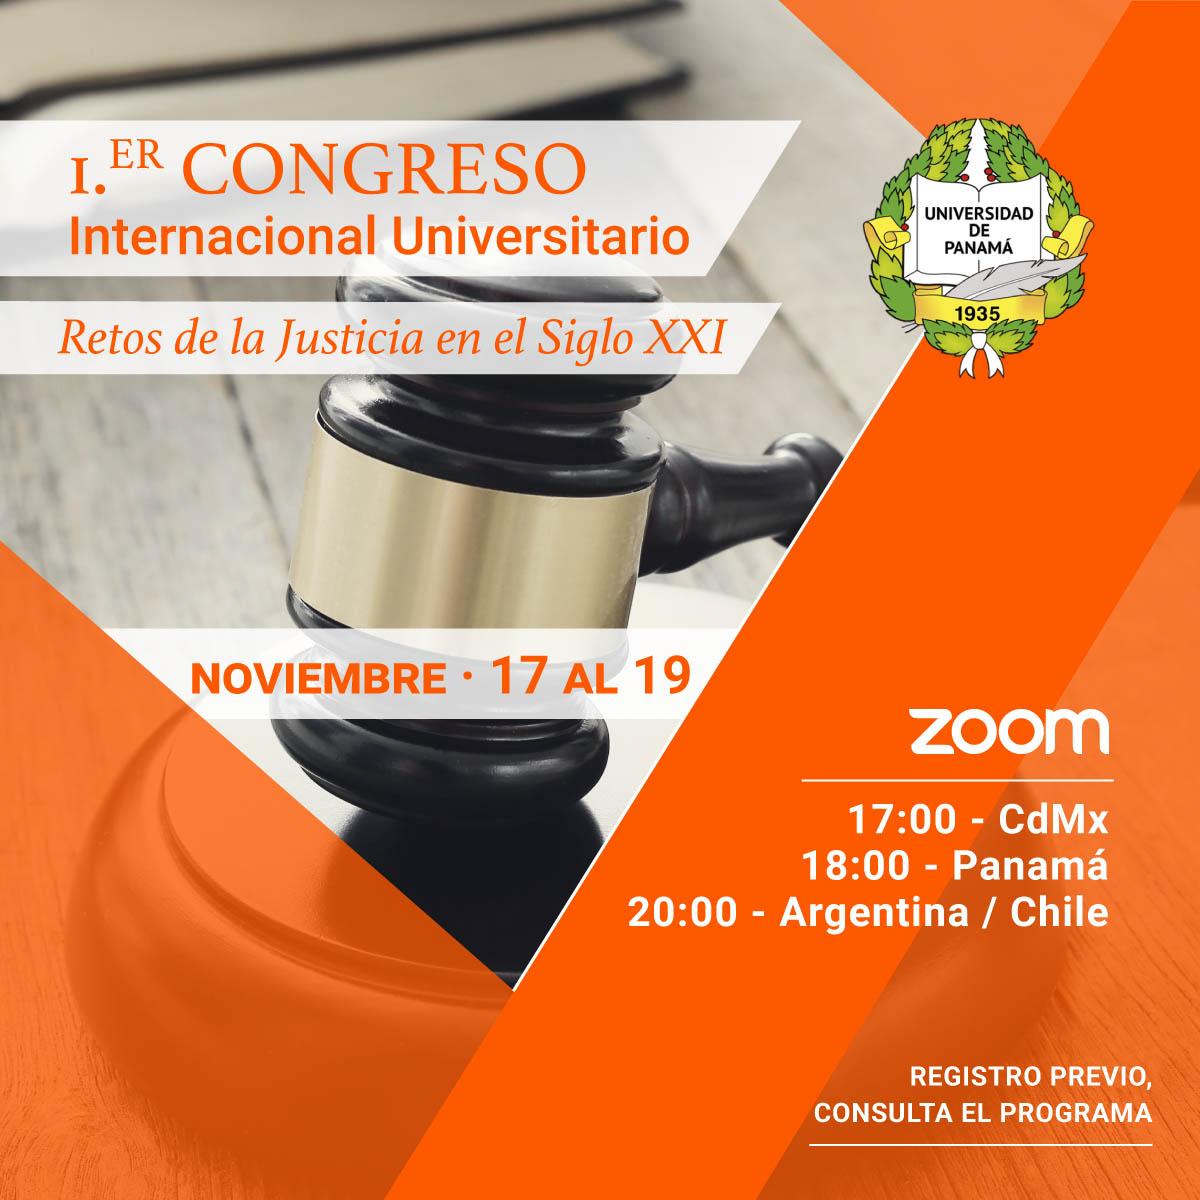 1.er Congreso Internacional Universitario: Retos de la Justicia en el Siglo XXI